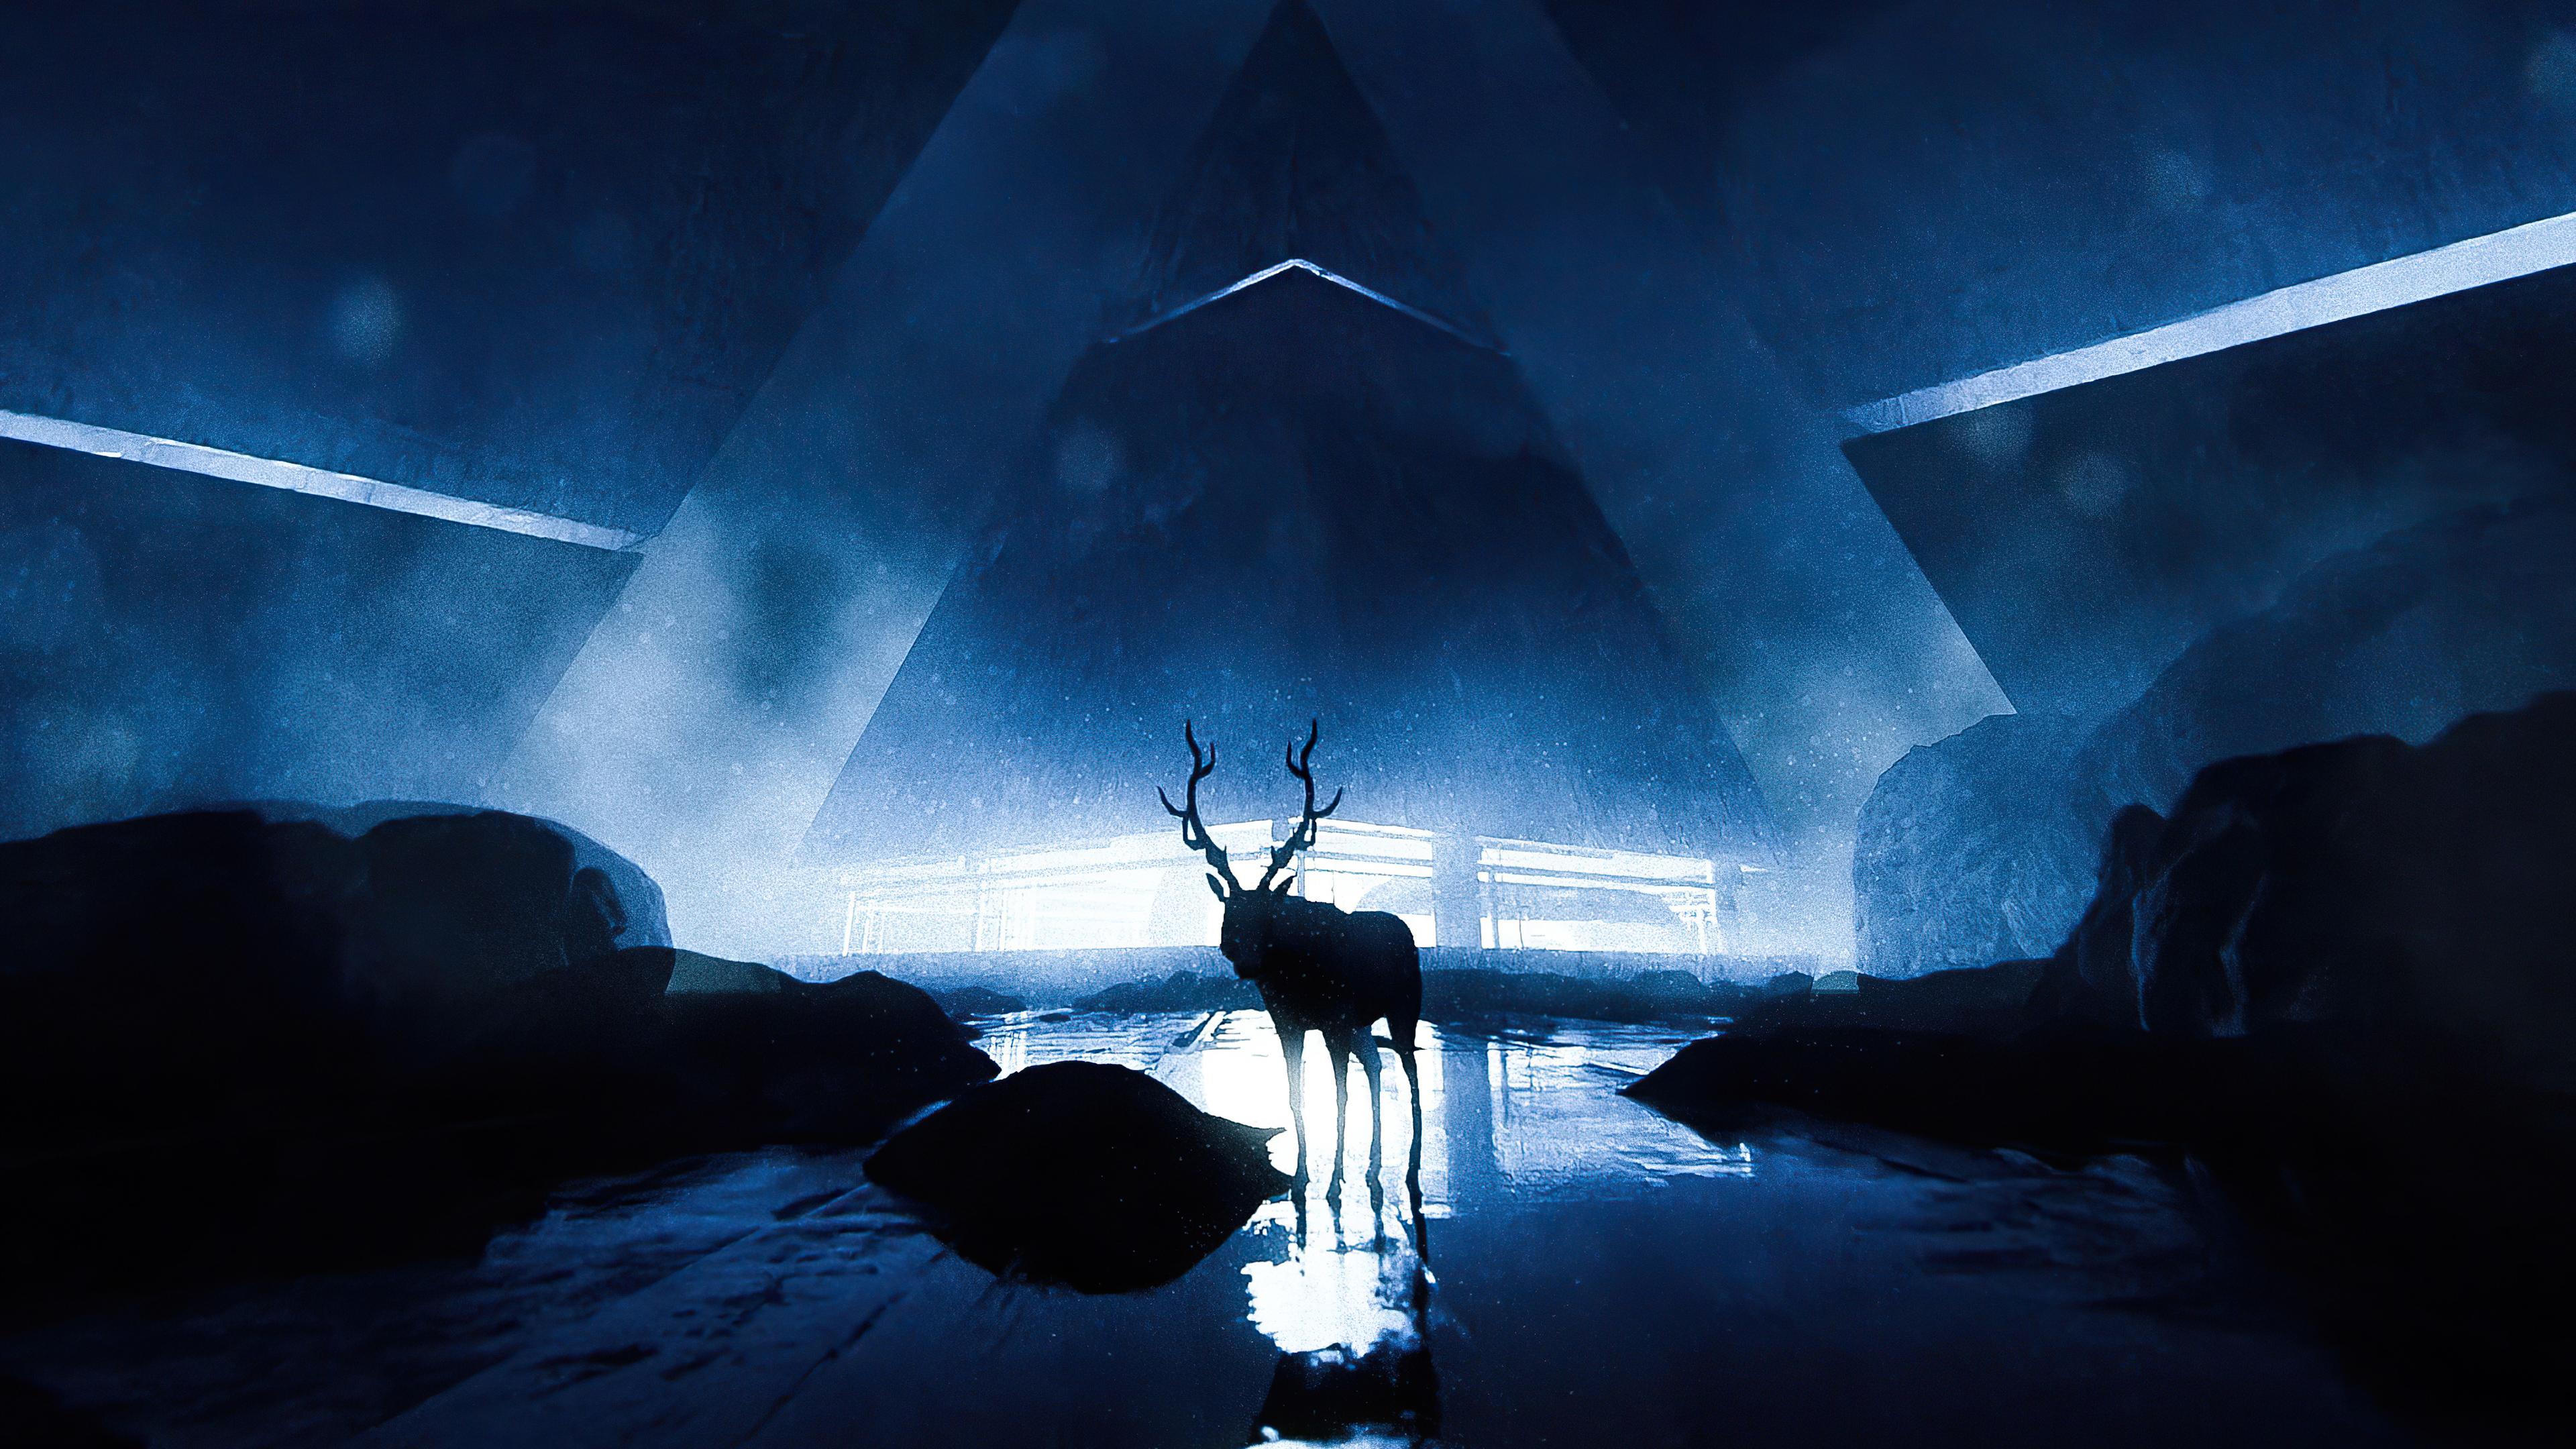 reindeer scifi 4k 1608622924 - Reindeer Scifi 4k - Reindeer Scifi 4k wallpapers